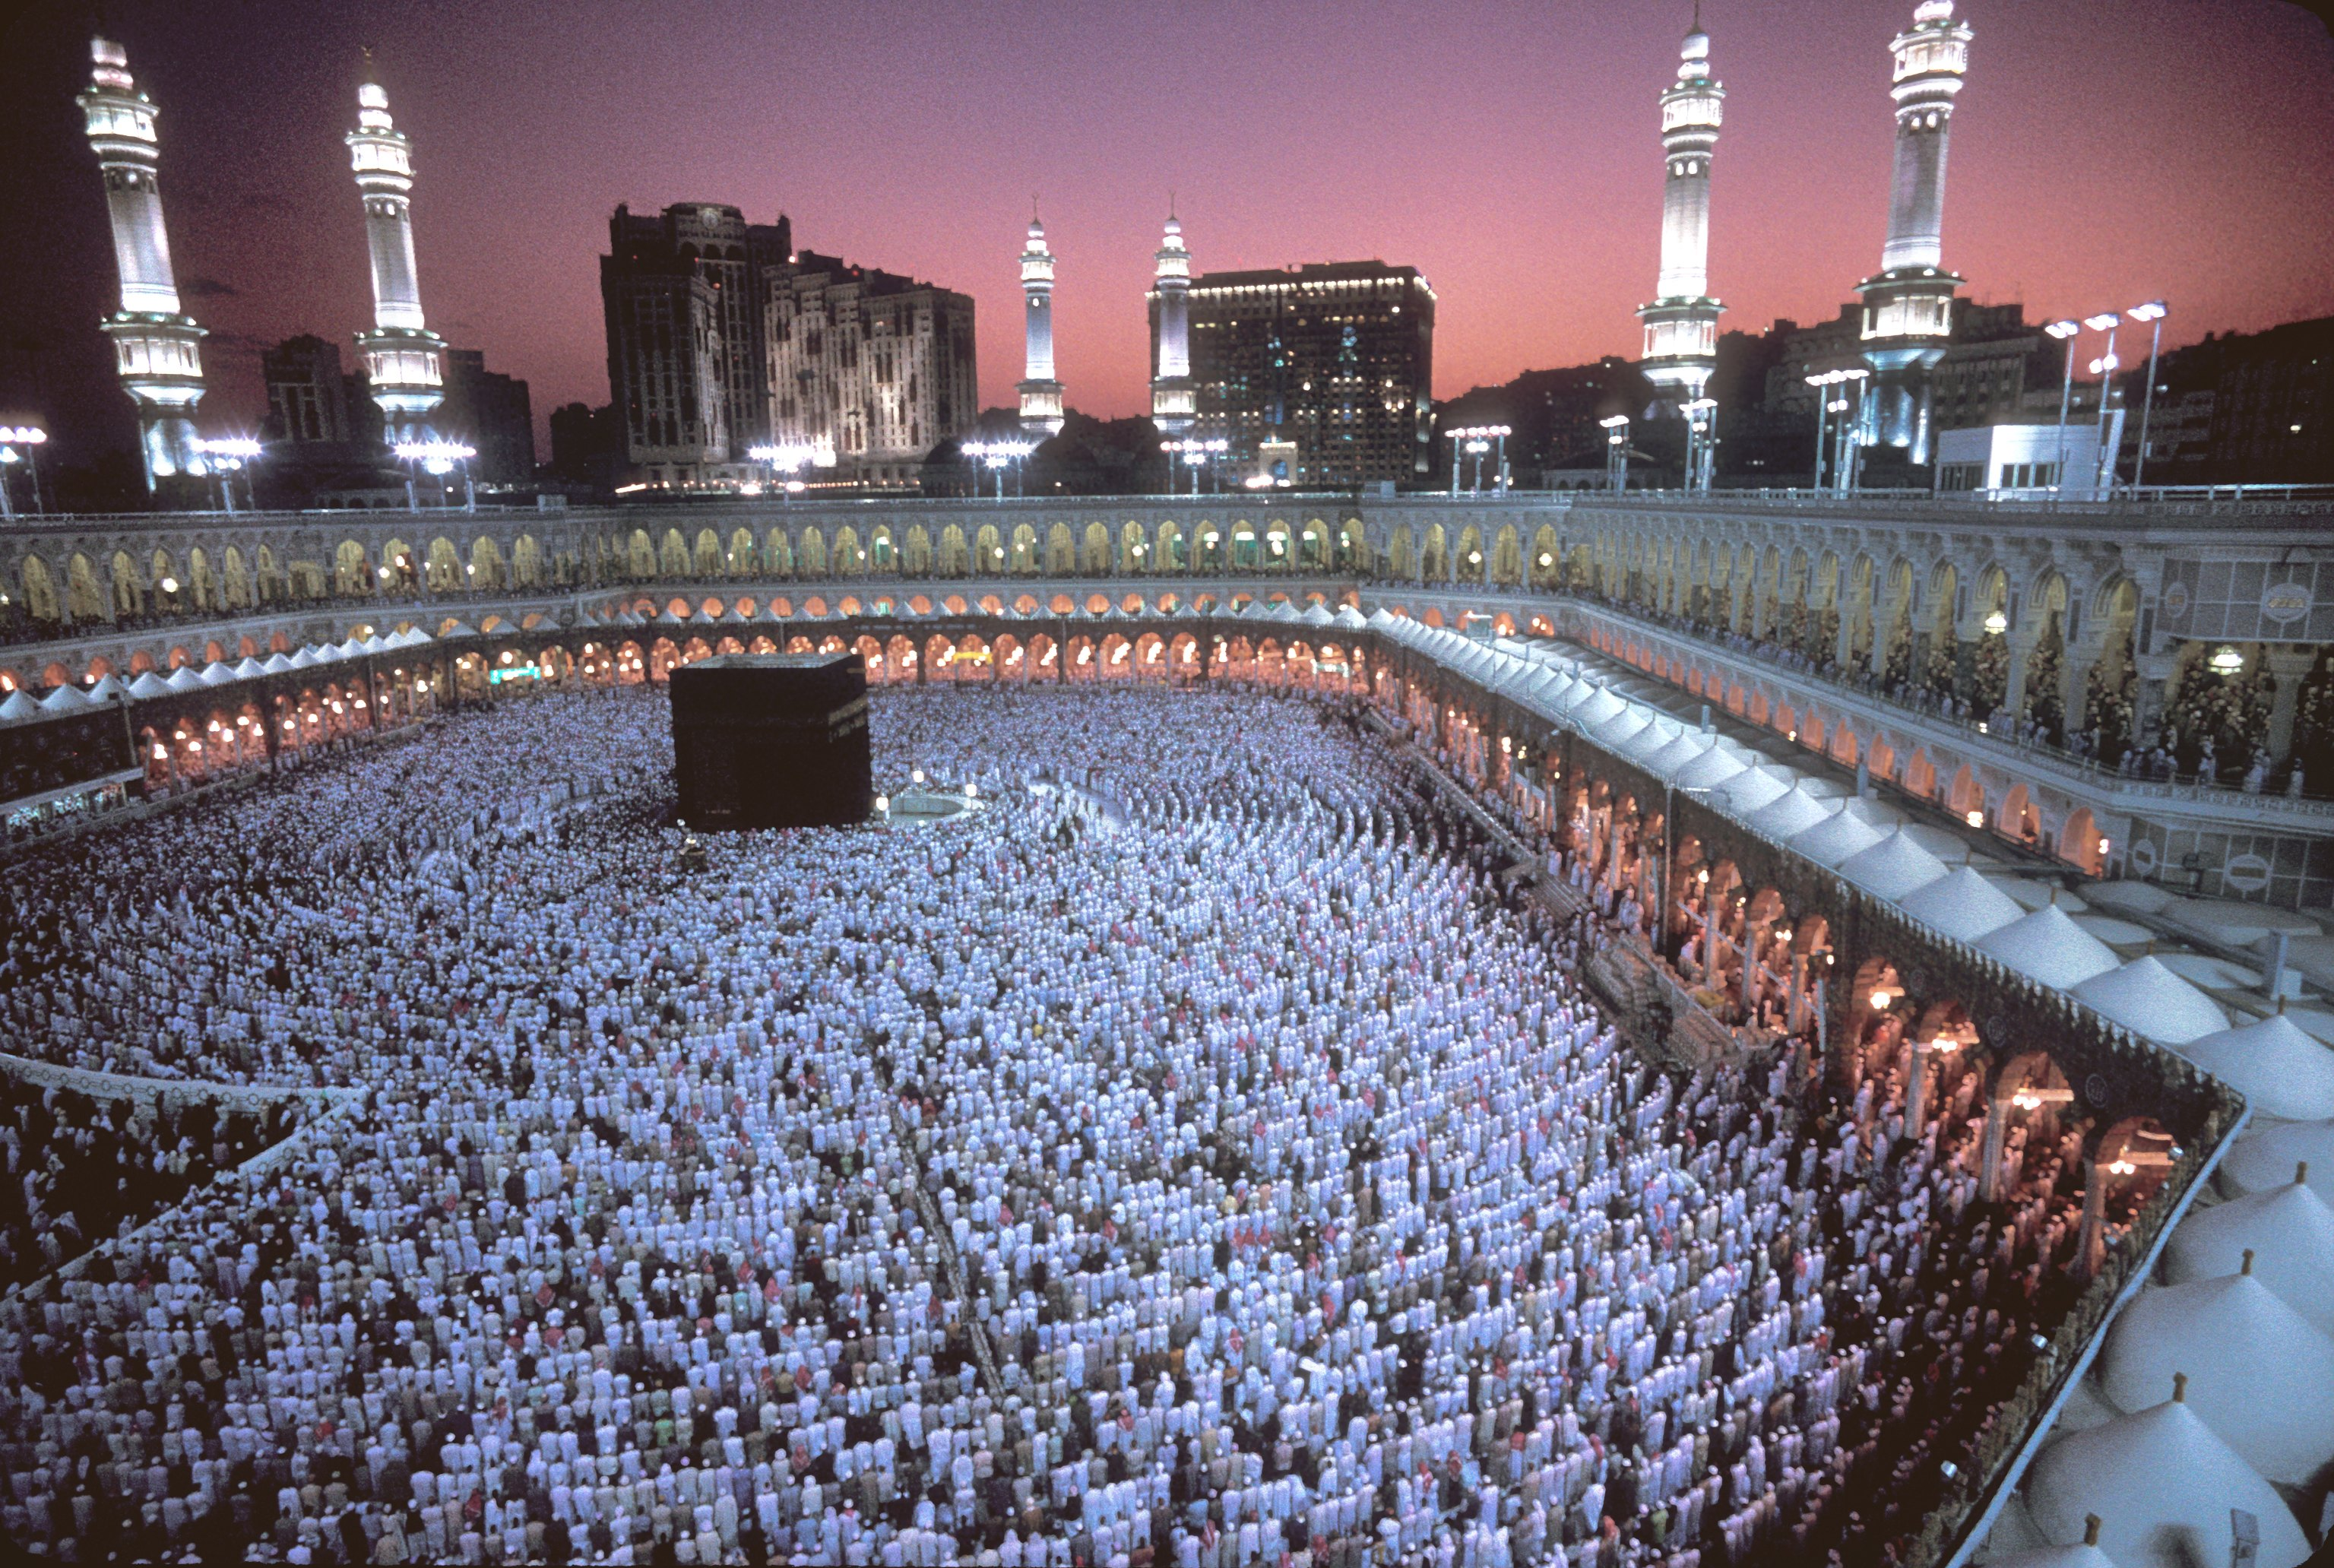 Independent: Imaginile de la Mecca pe care Arabia Saudita vrea ca nimeni sa nu le vada